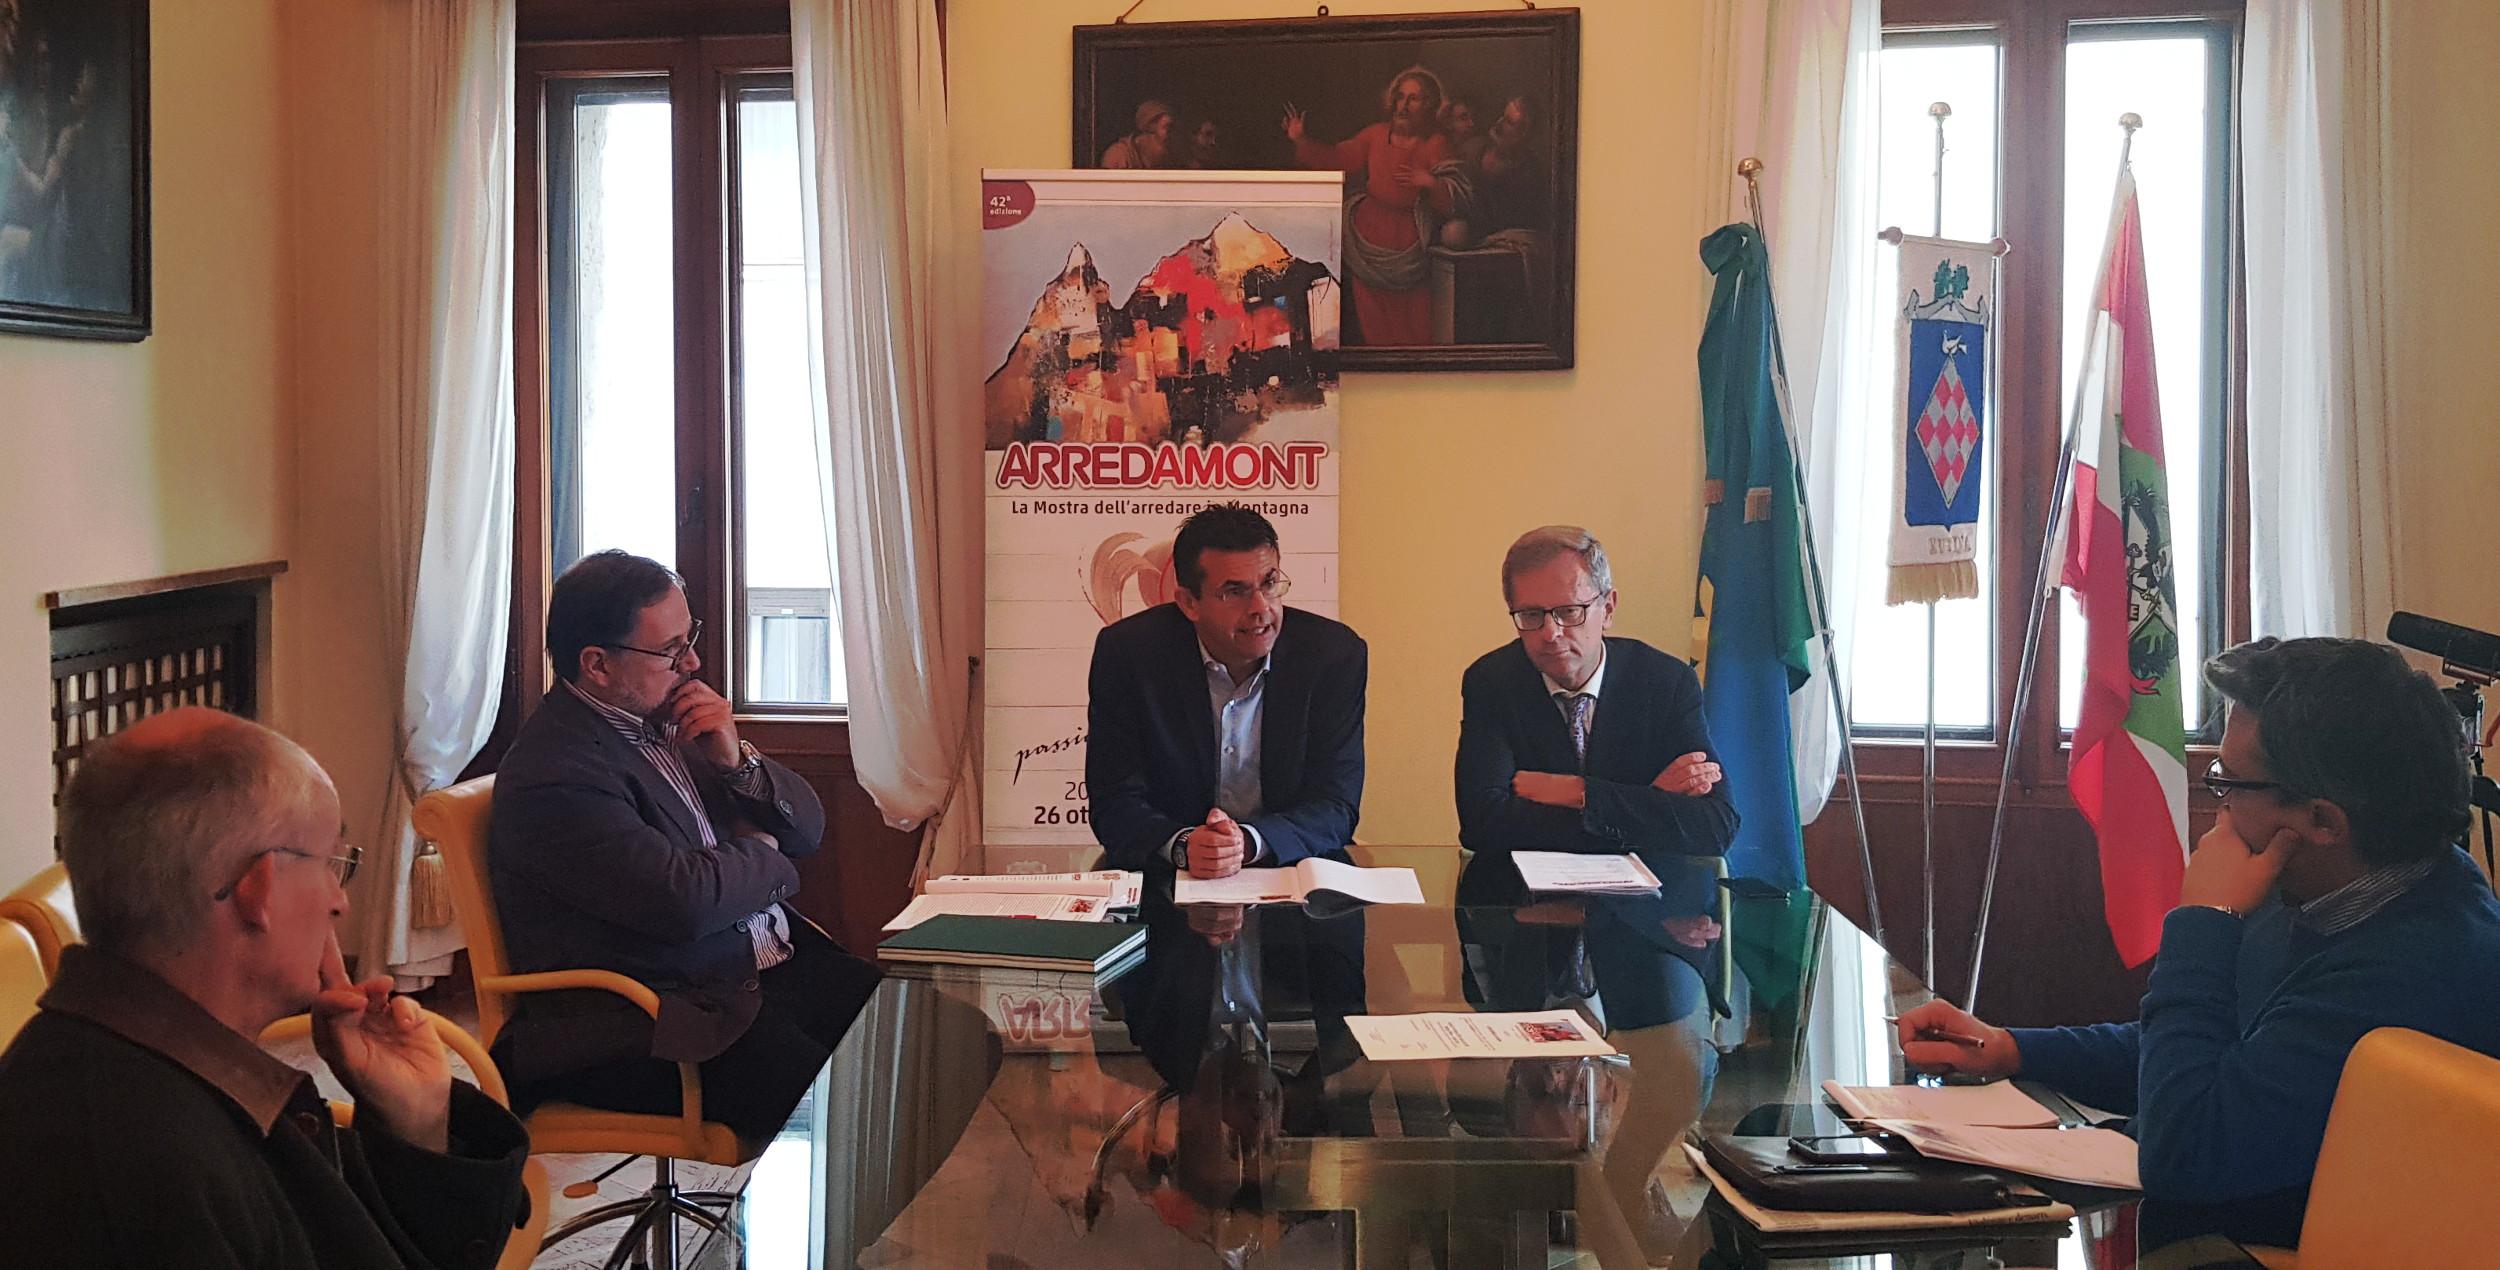 20191021 - Presentazione 42a Arredamont - Palazzo Piloni